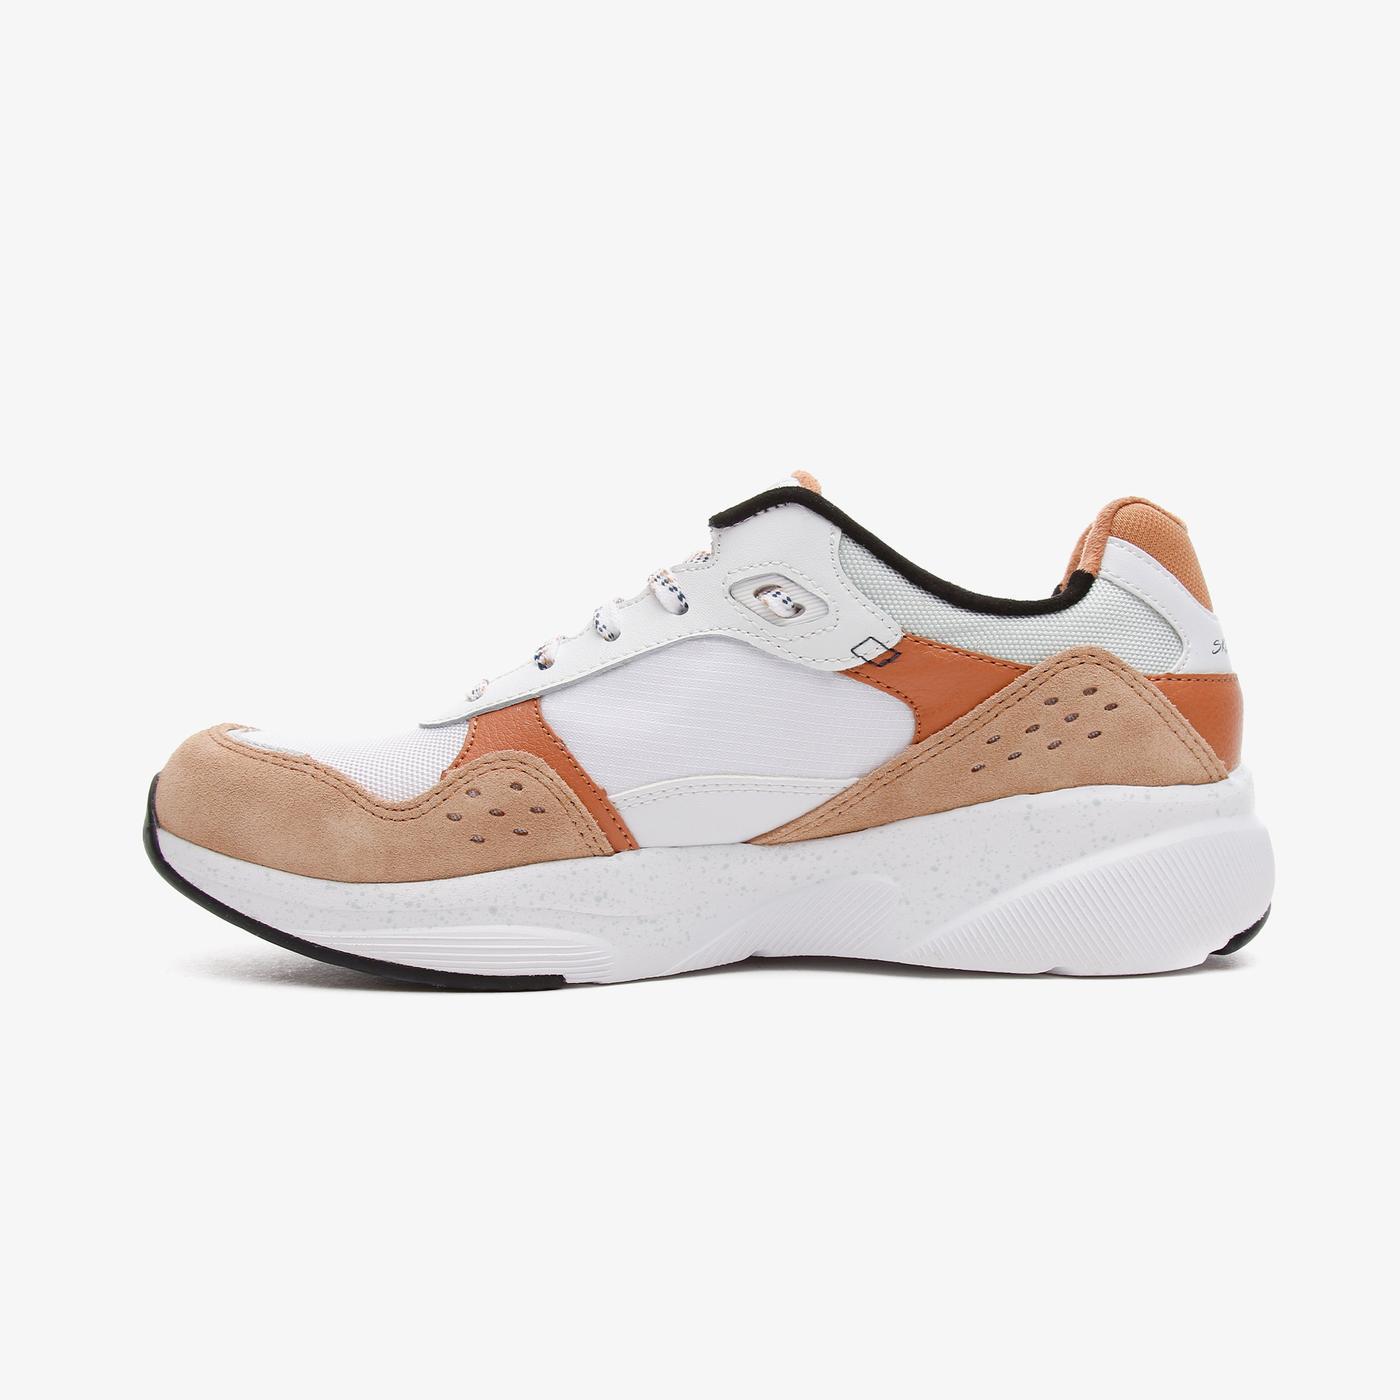 Skechers Meridian Beyaz Kadın Spor Ayakkabı